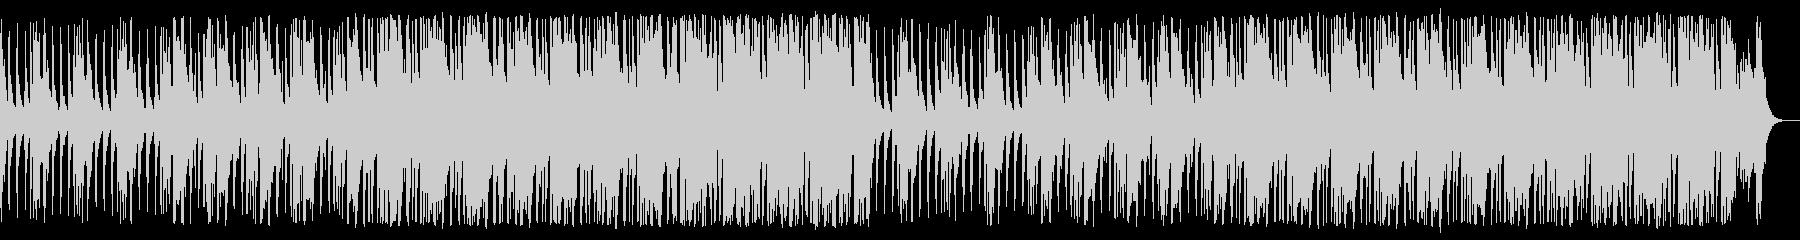 侍の壮絶な戦い 鳴り響く和太鼓と三味線の未再生の波形